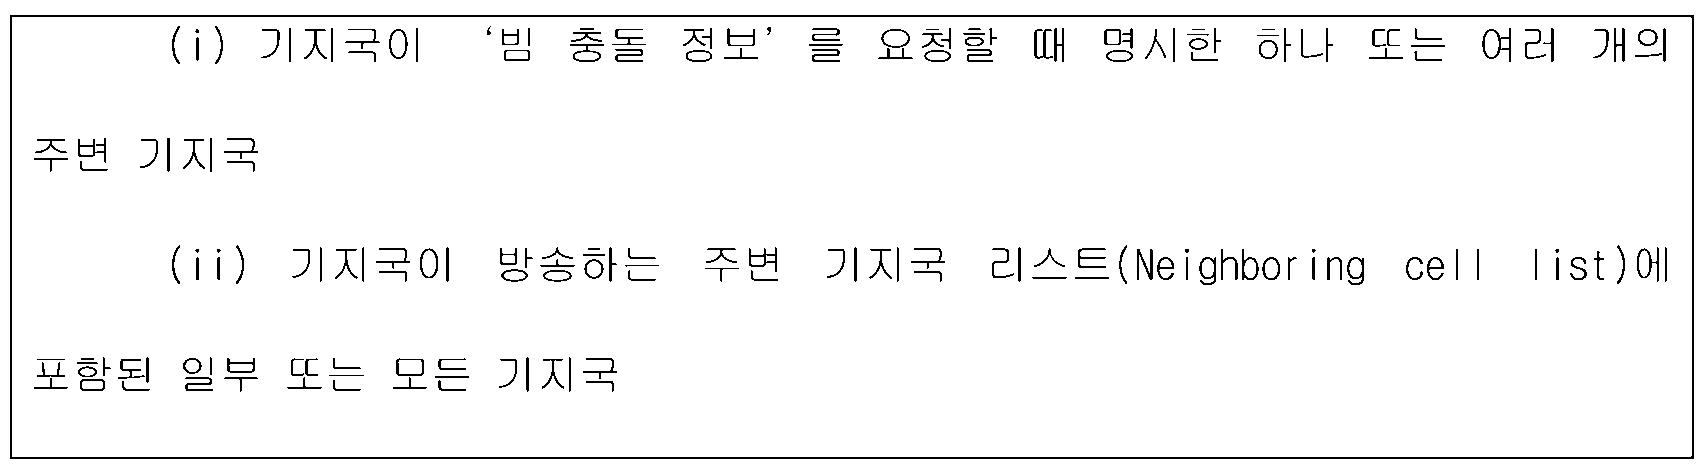 Figure PCTKR2014011872-appb-T000004